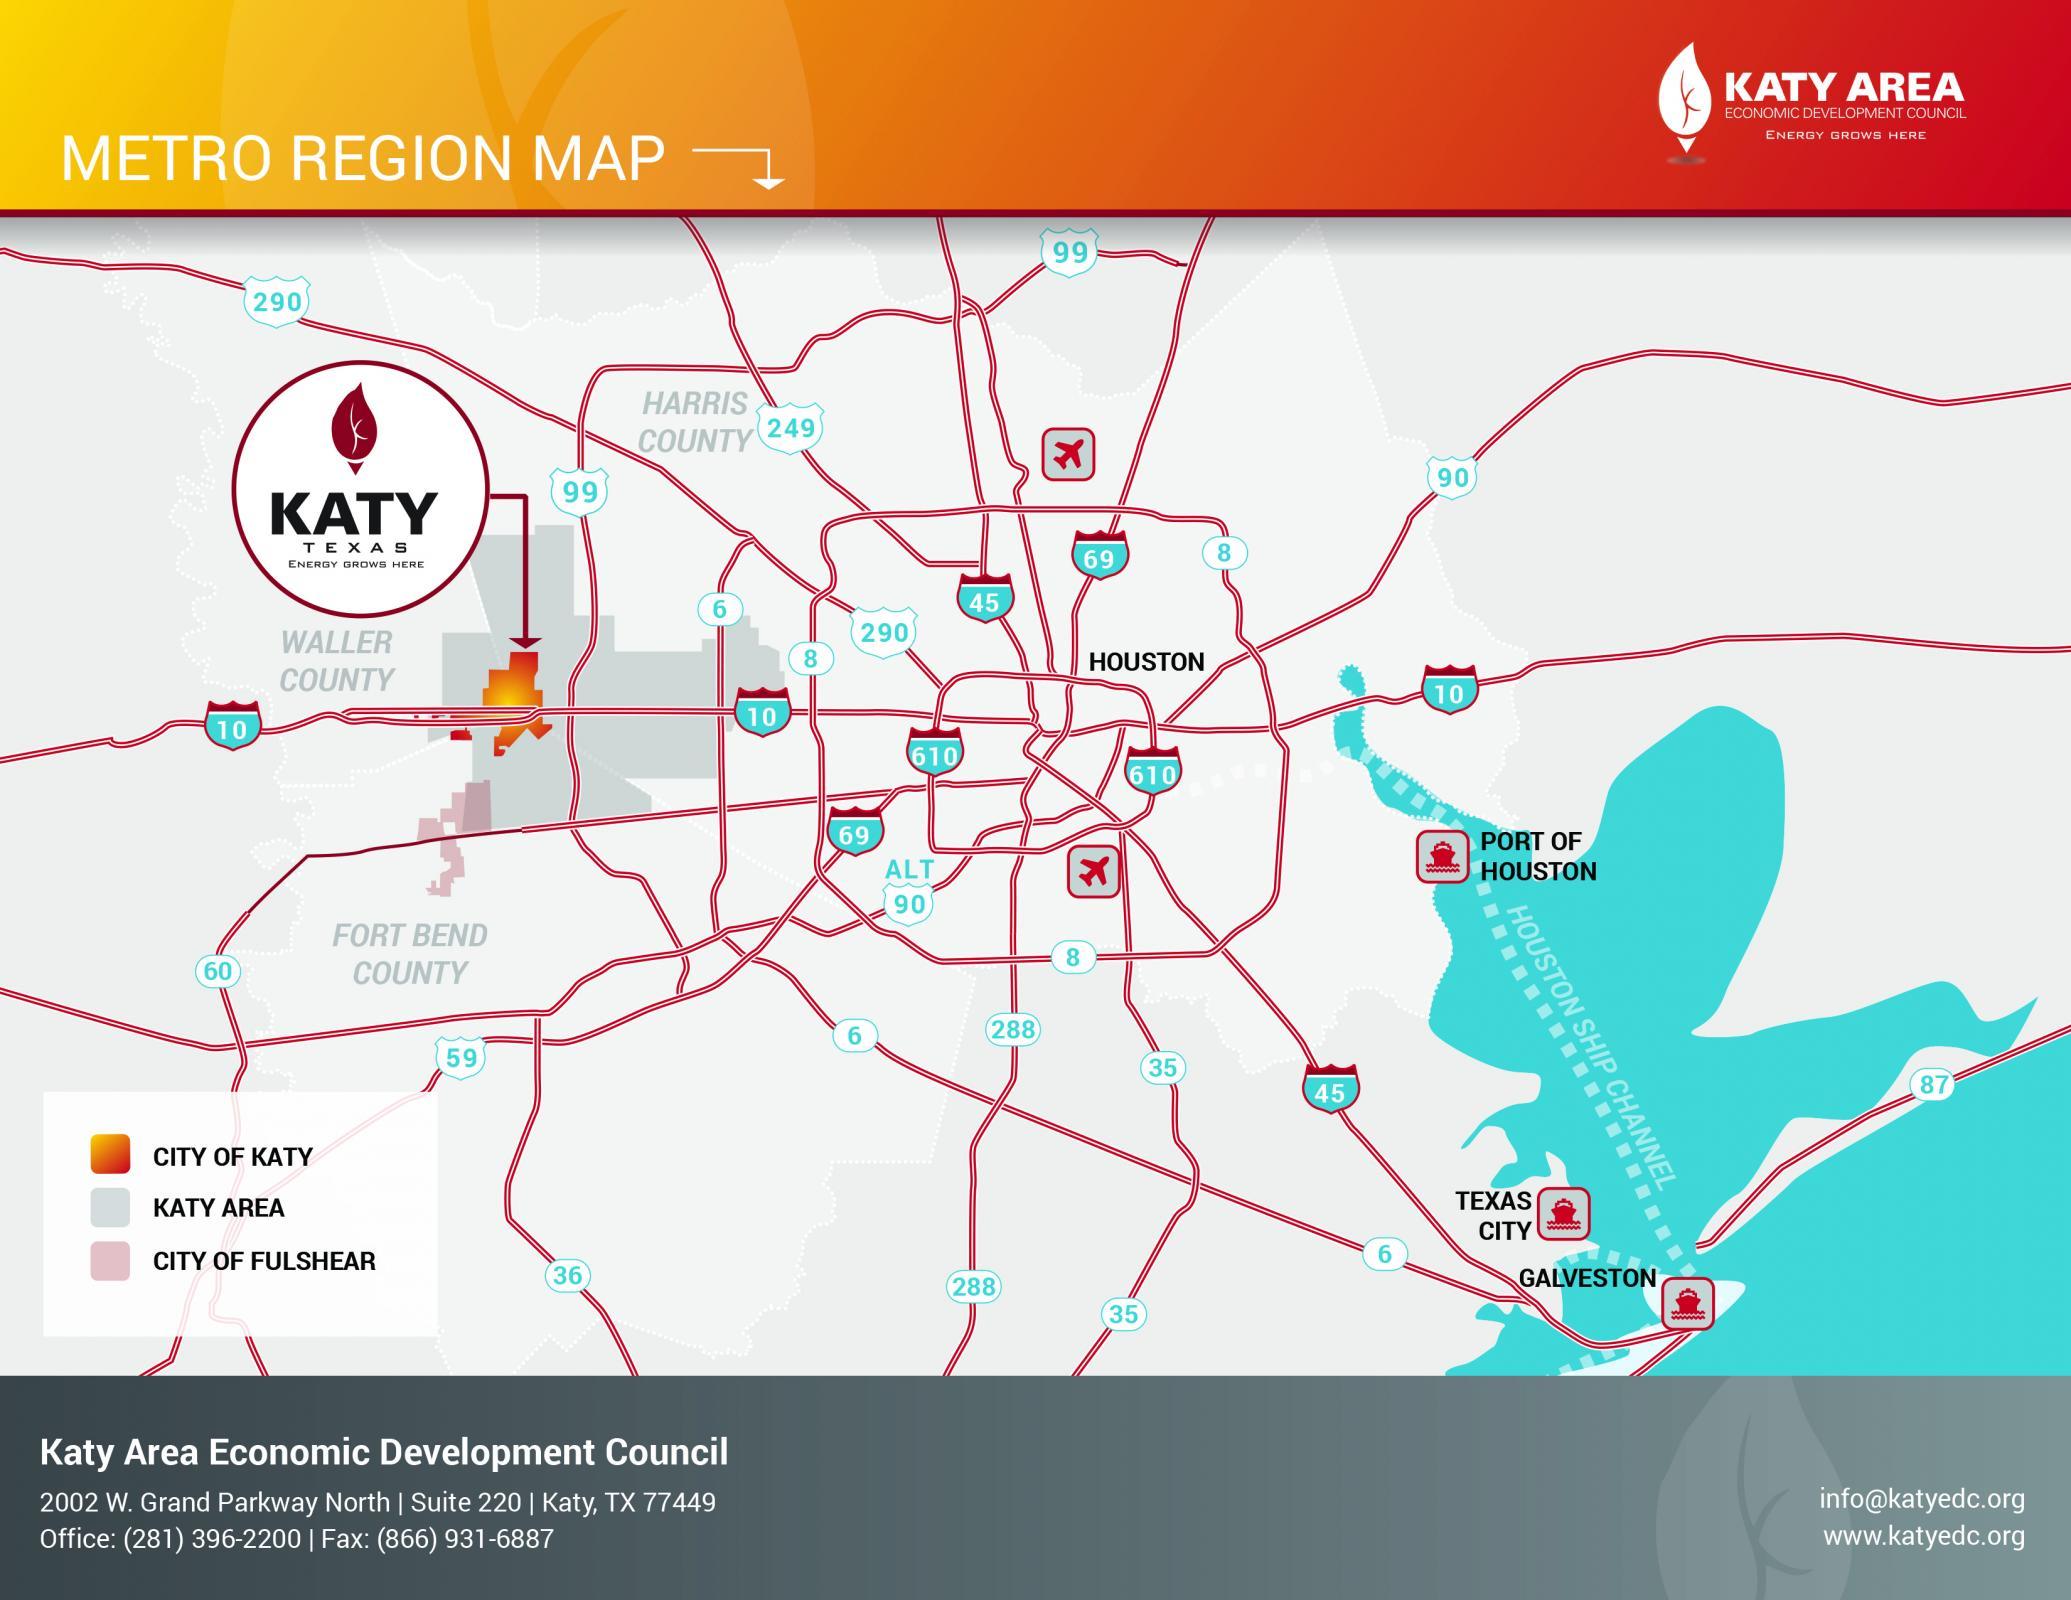 Metro Region Map